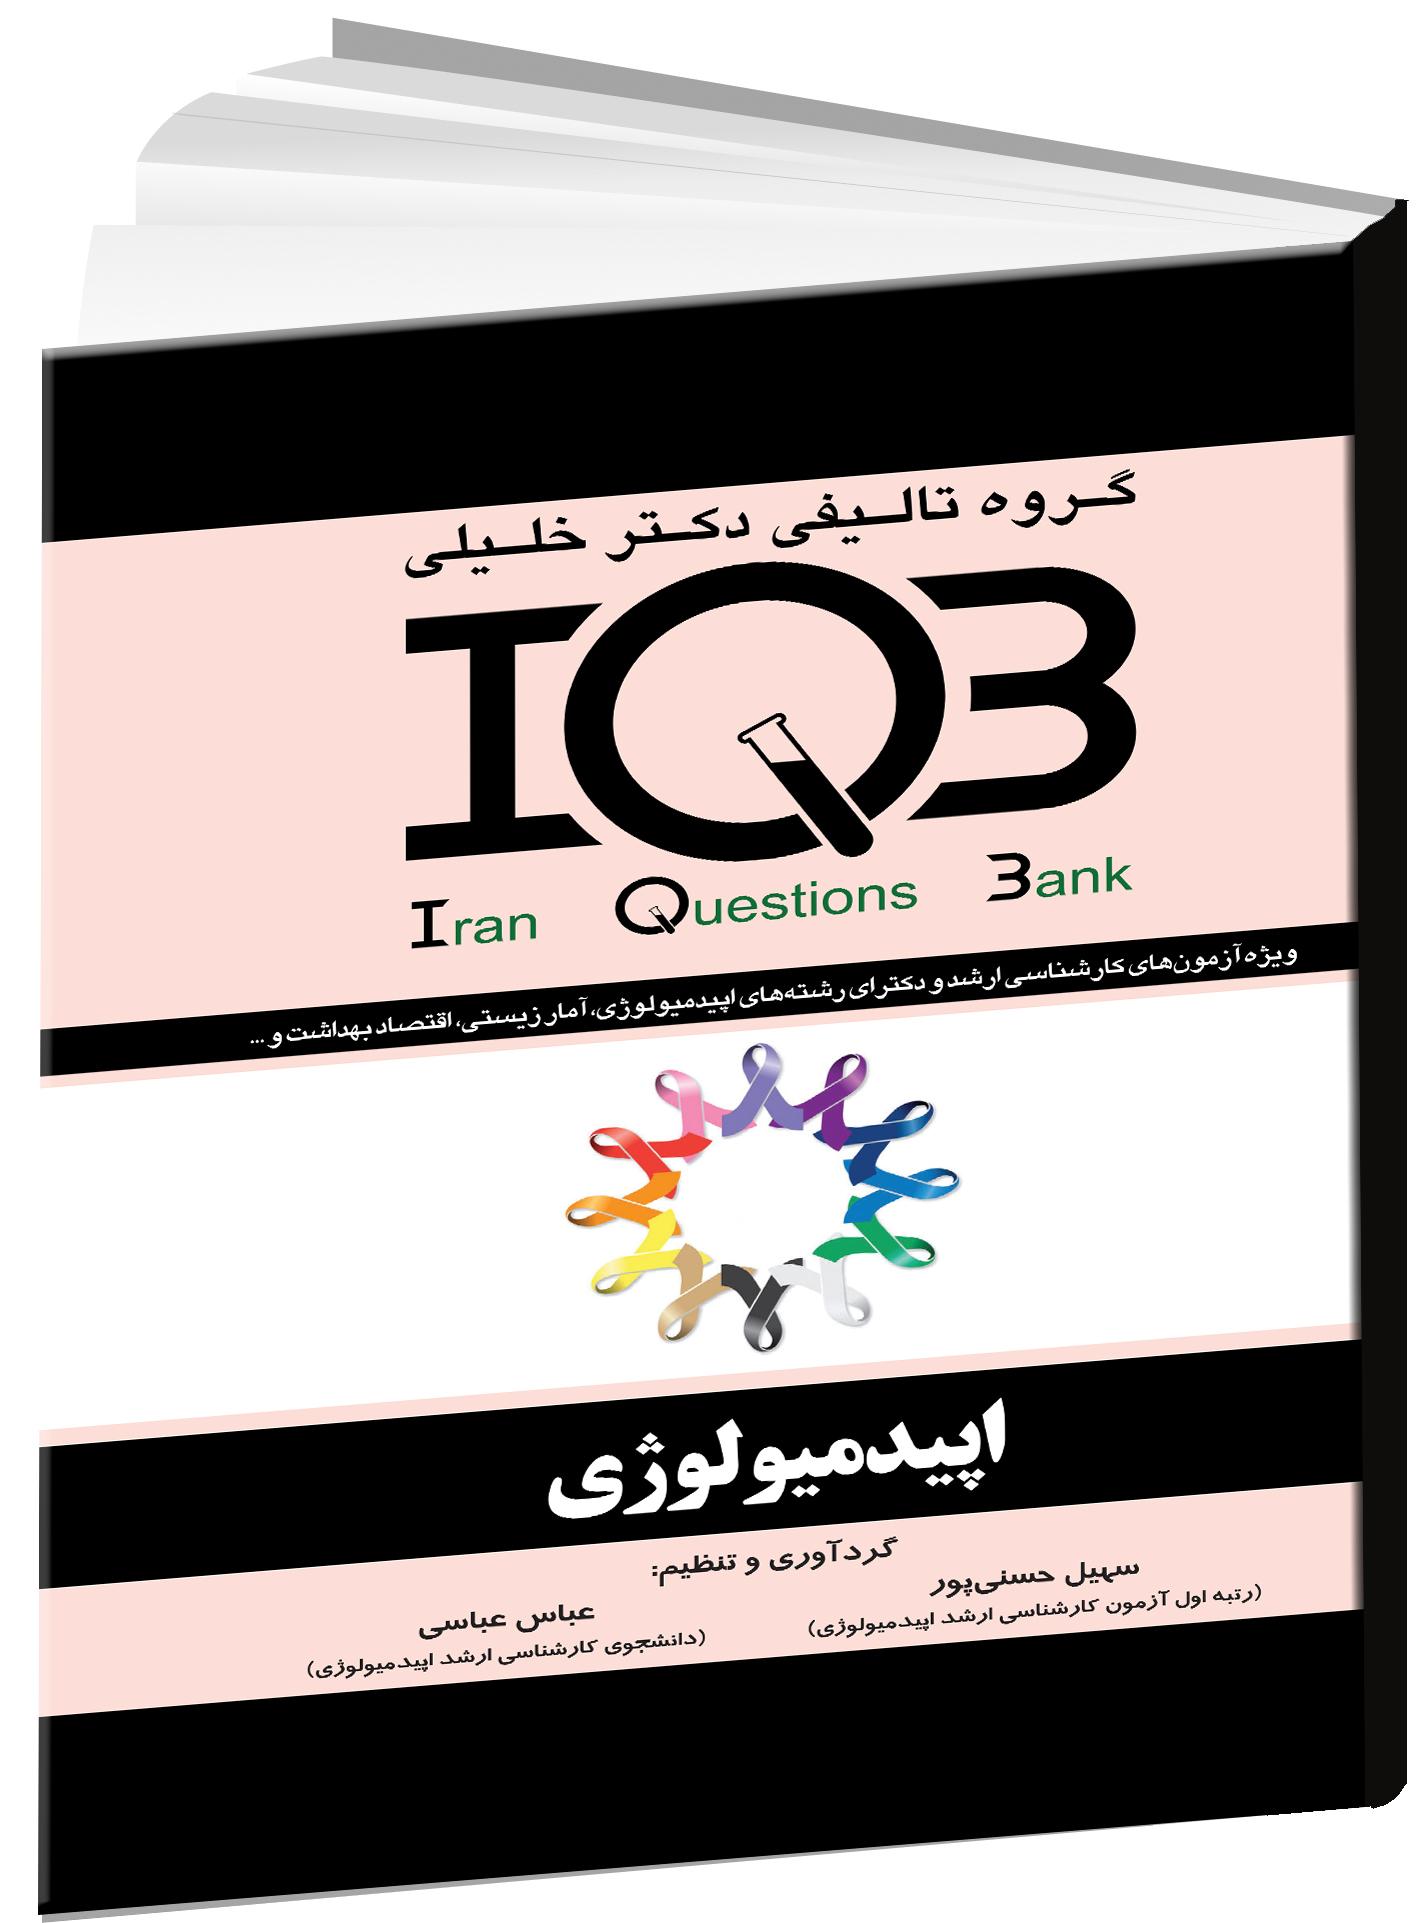 IQB-اپیدمیولوژی-سهیل-حسنی-پور-عباس-عباسی-خلیلی-اشراقیه